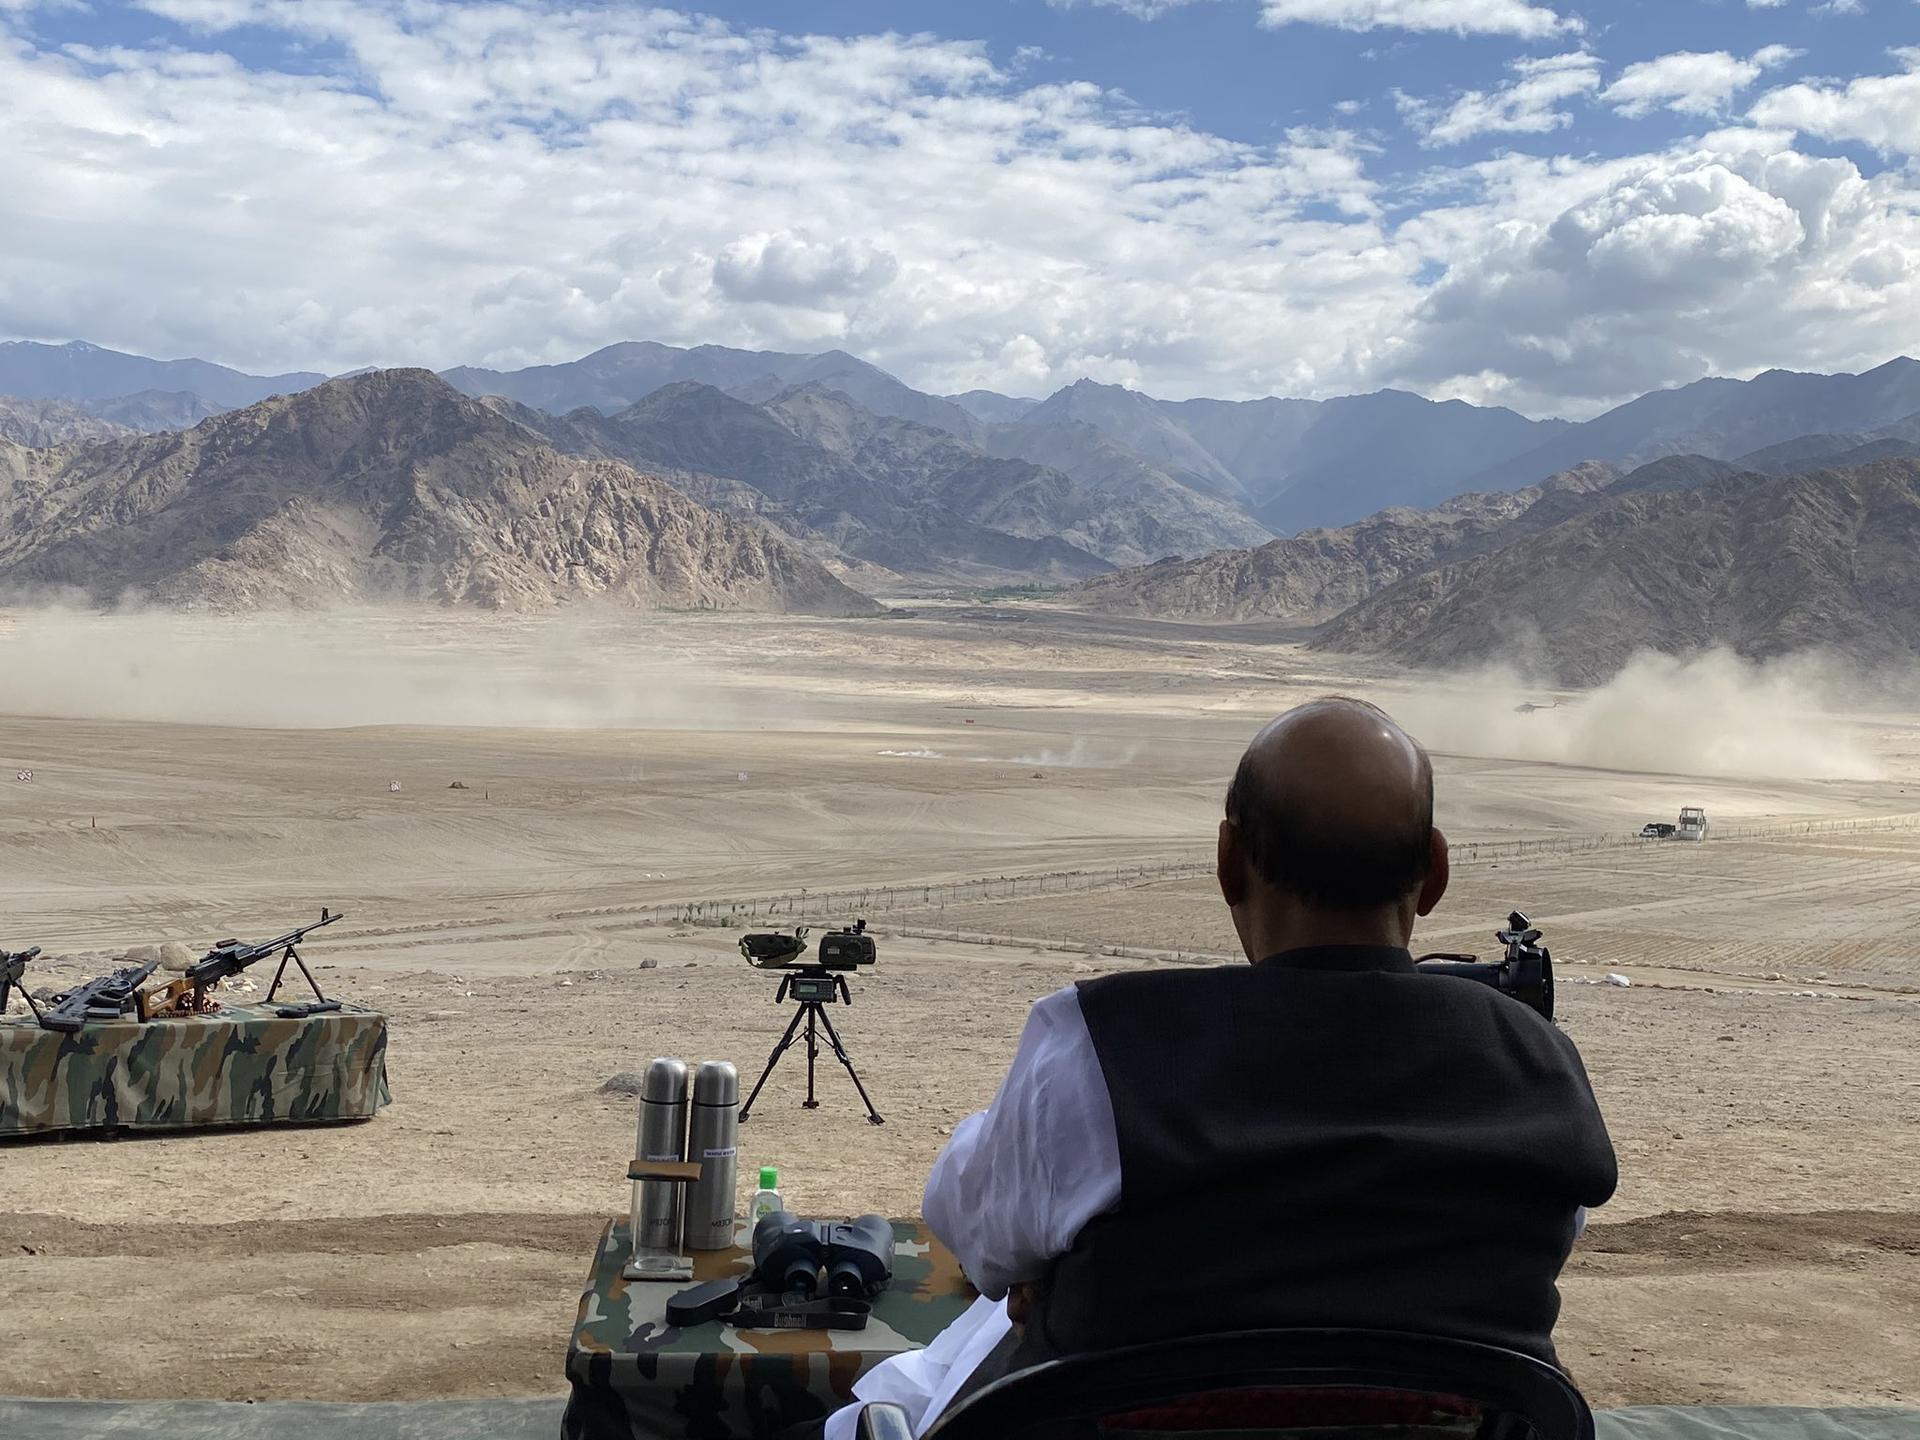 在空旷的高原上,印度军队出动了坦克等重型武器进行军演,场面颇为震撼。(Twitter@DefenceMinIndia)